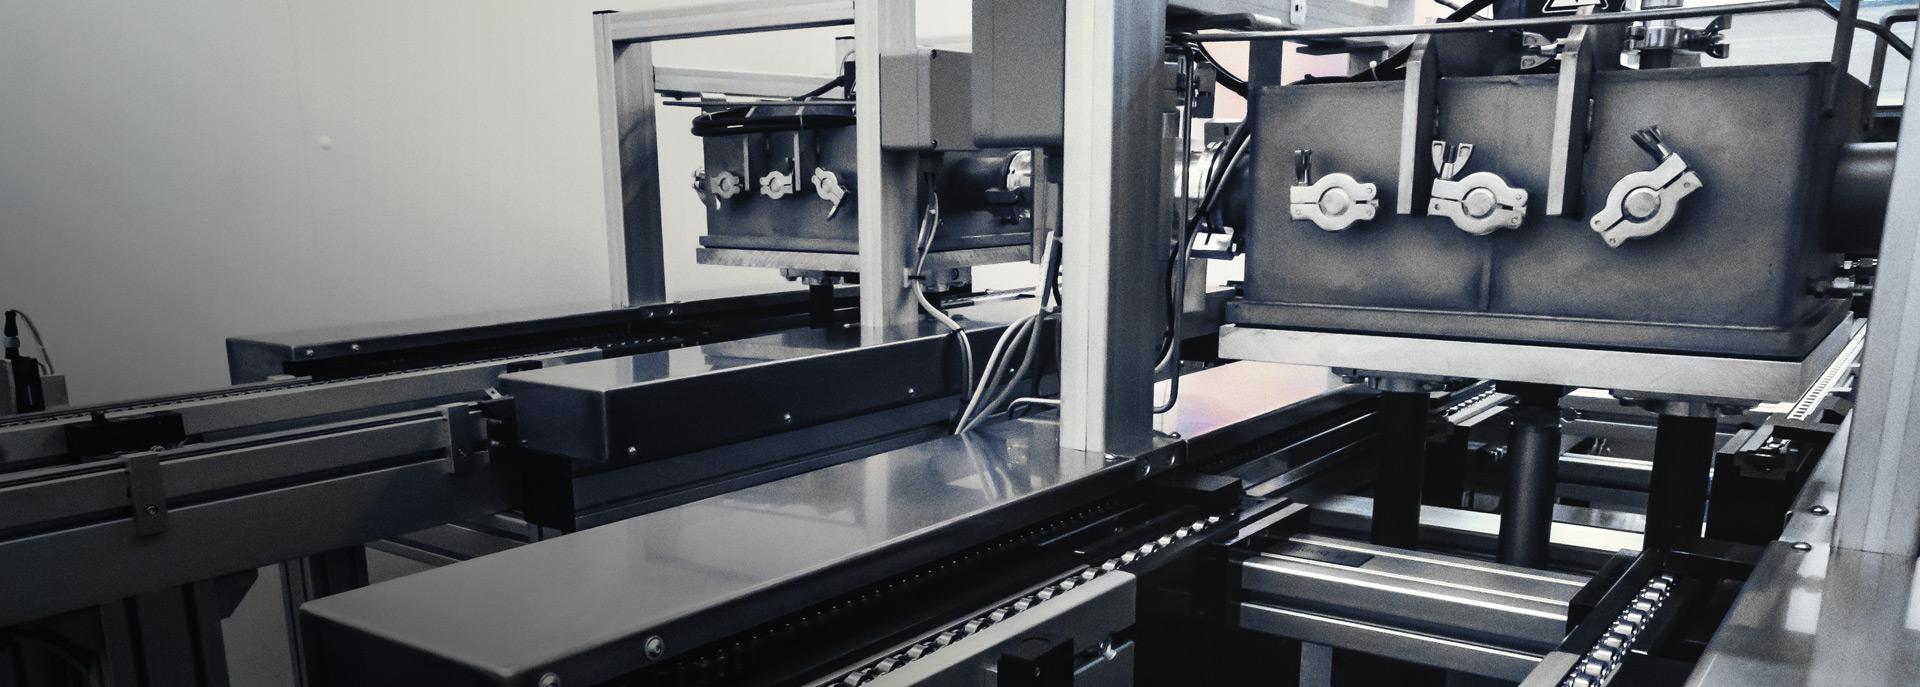 Vollautomatische Plasmaanlage von Diener electronic